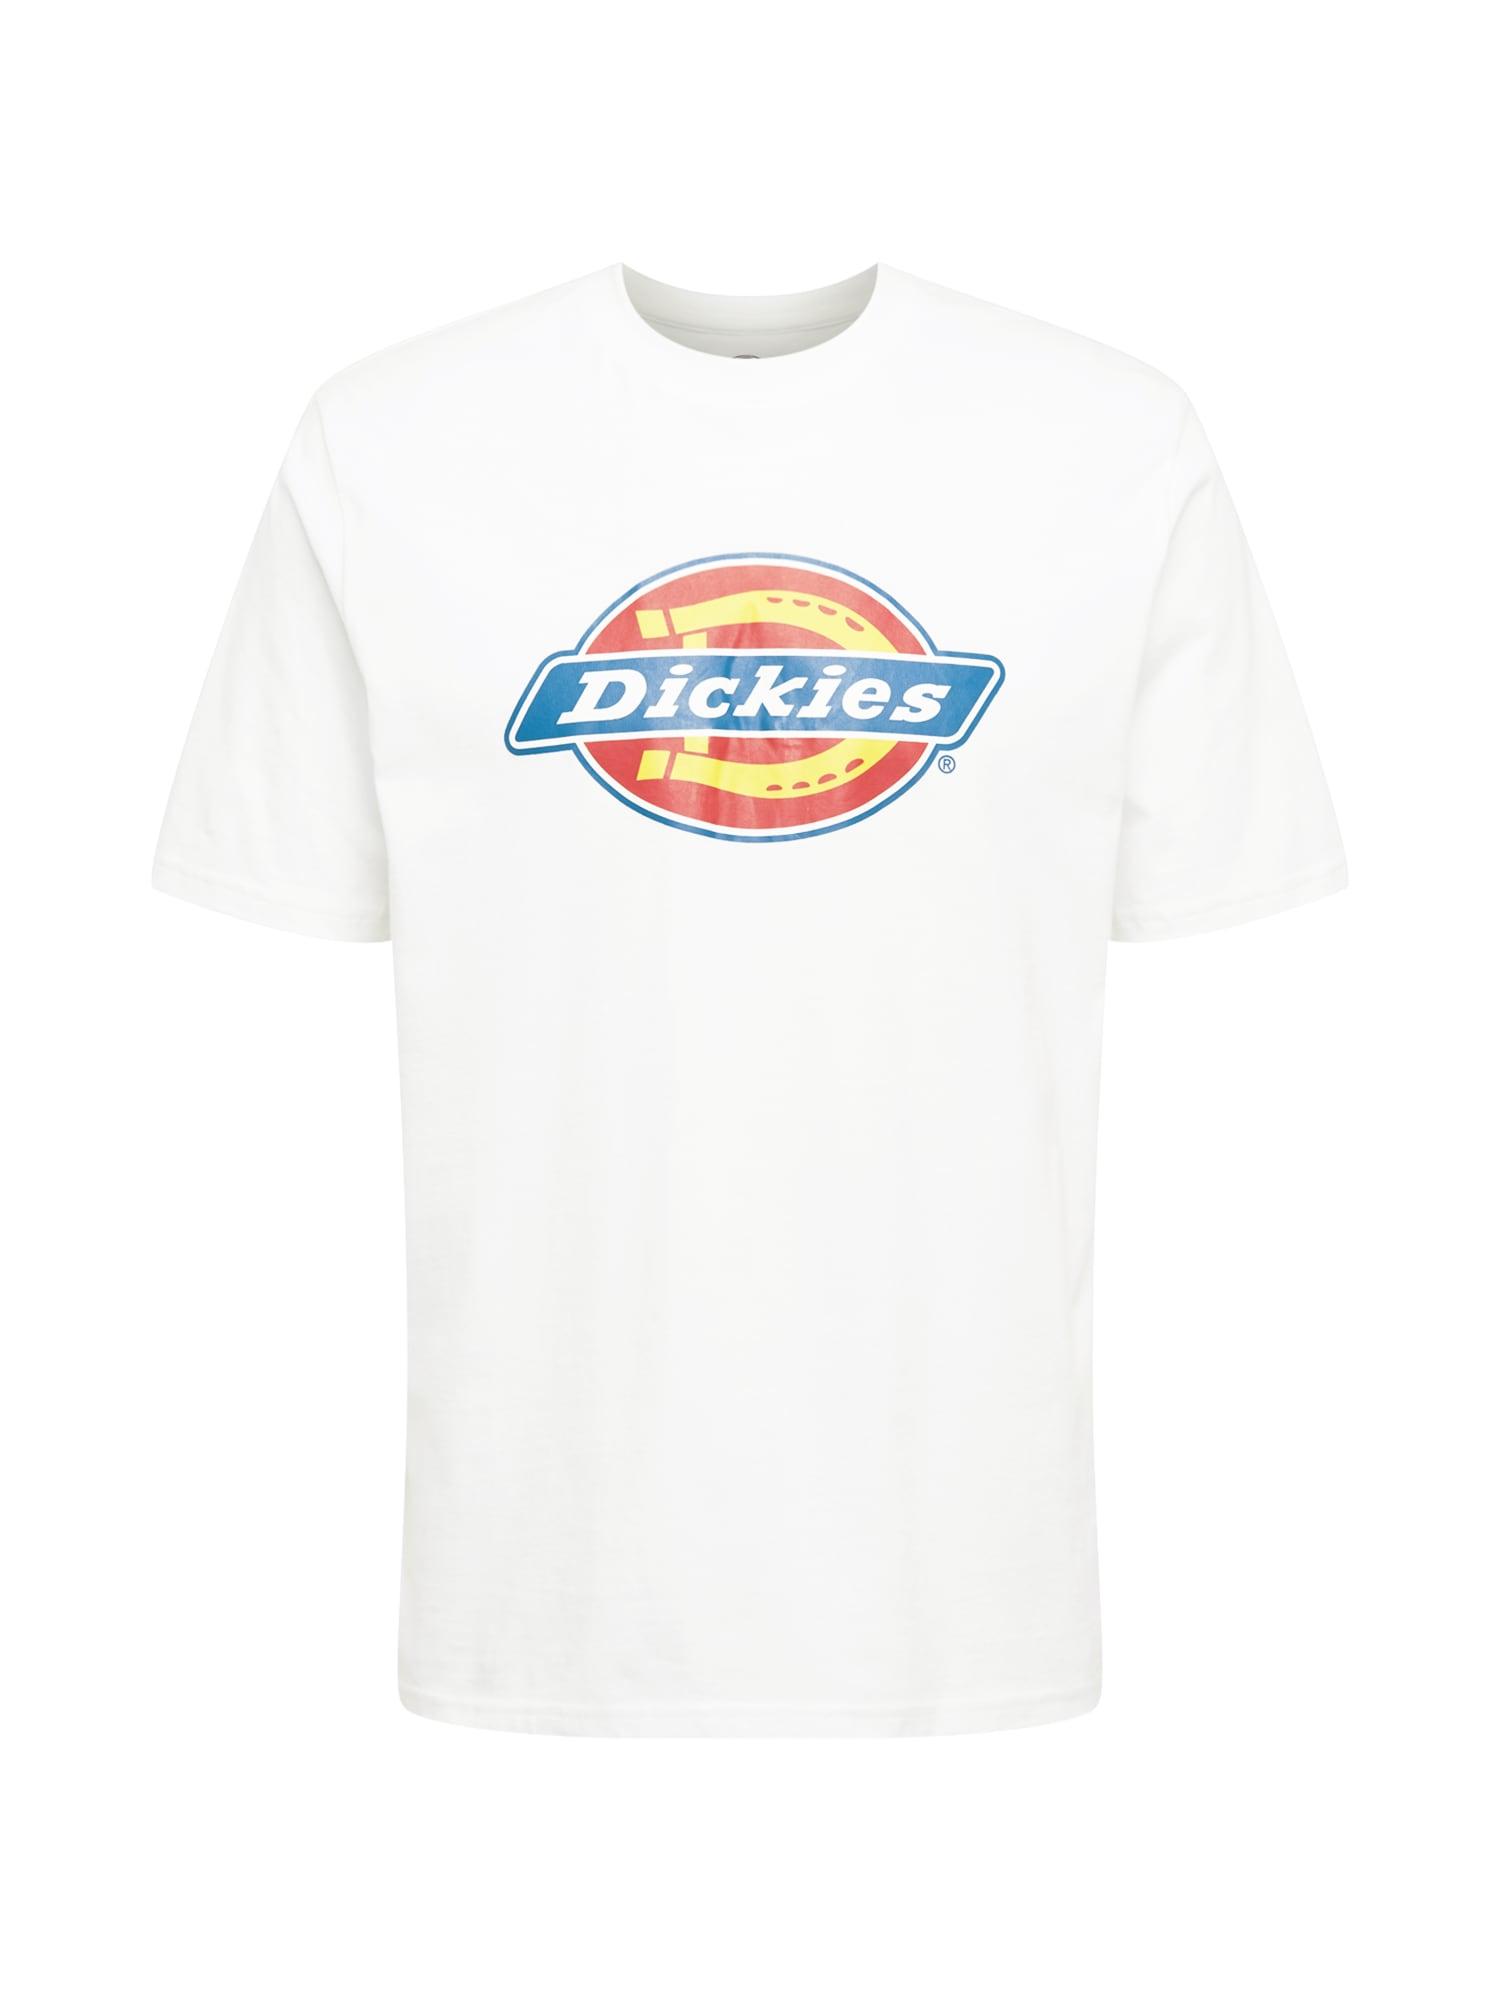 DICKIES Marškinėliai balta / dangaus žydra / pastelinė raudona / geltona